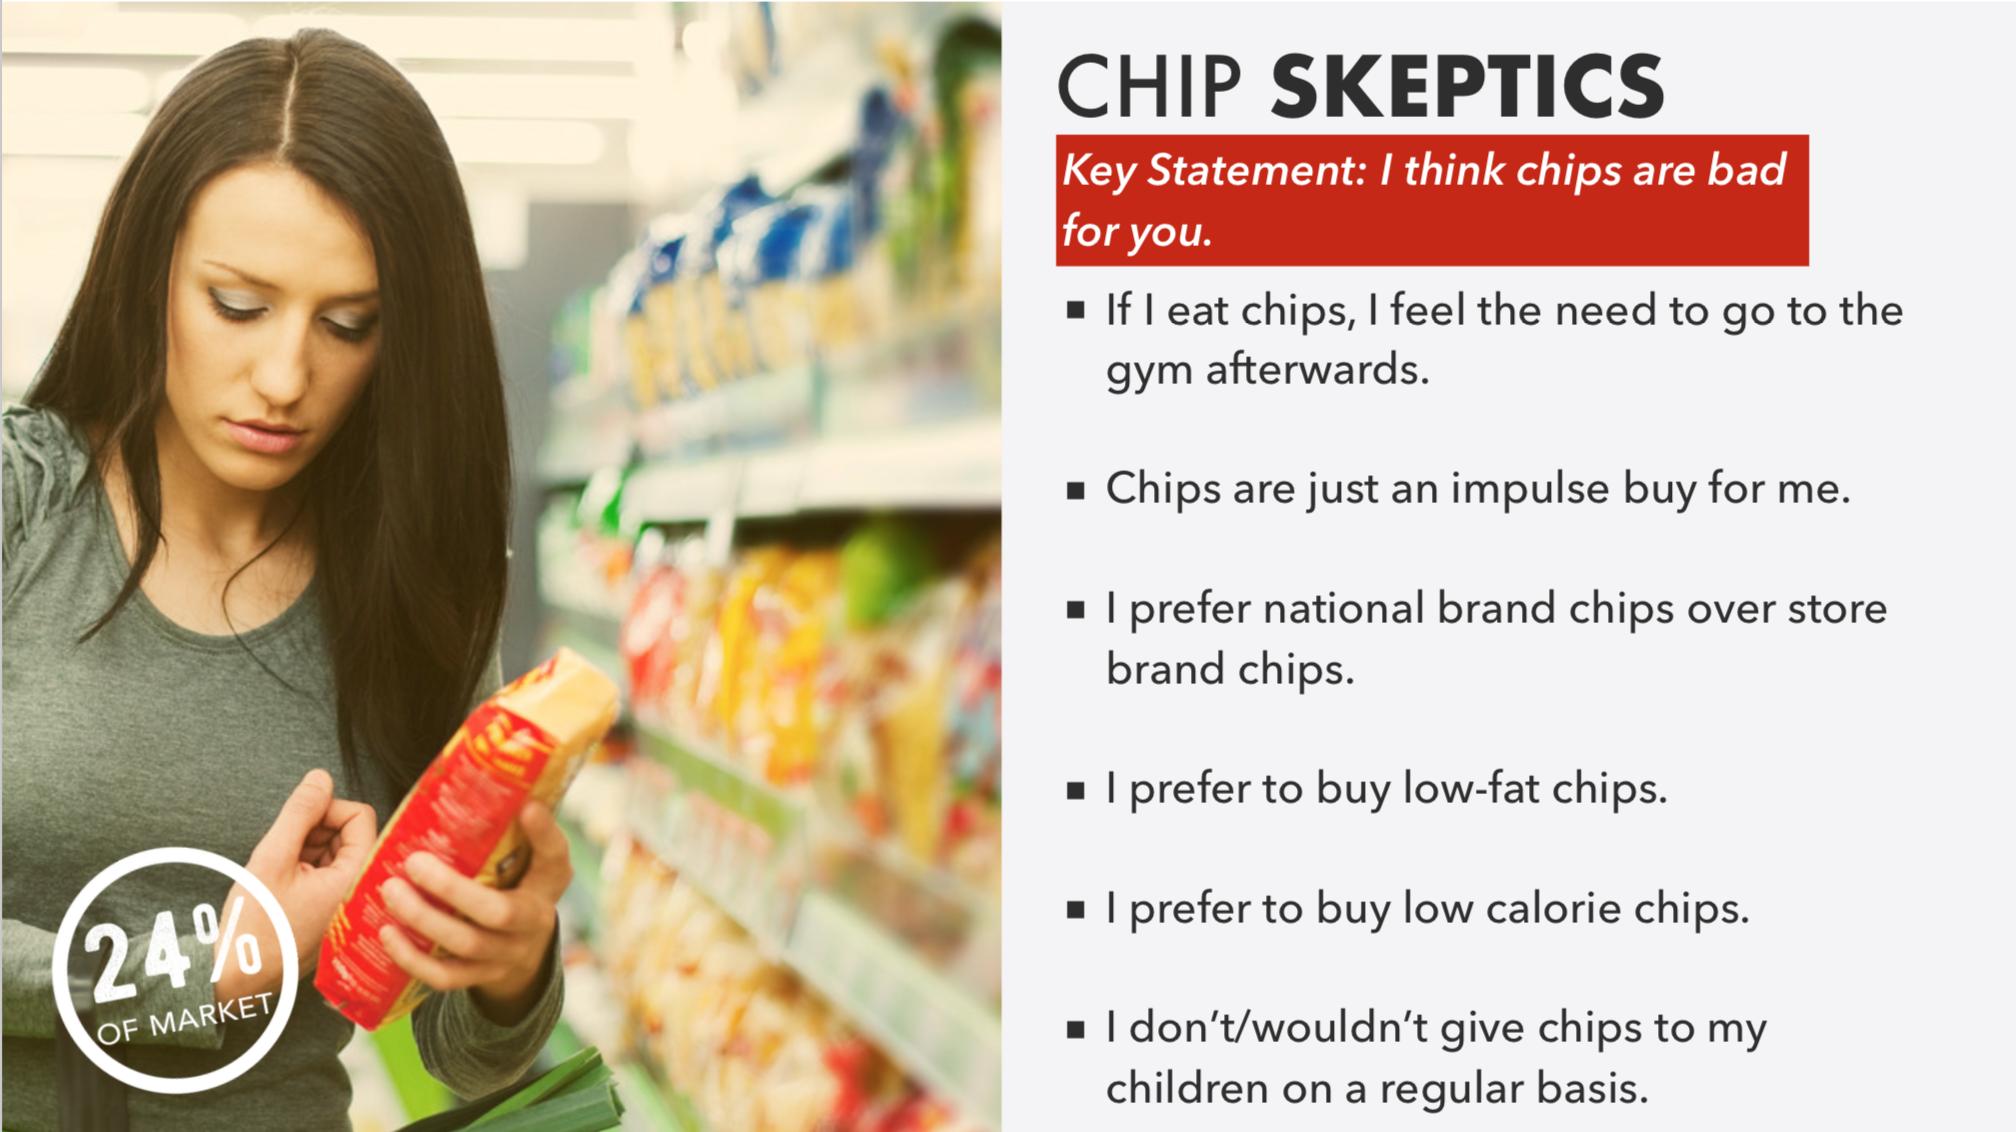 Chip Skeptics